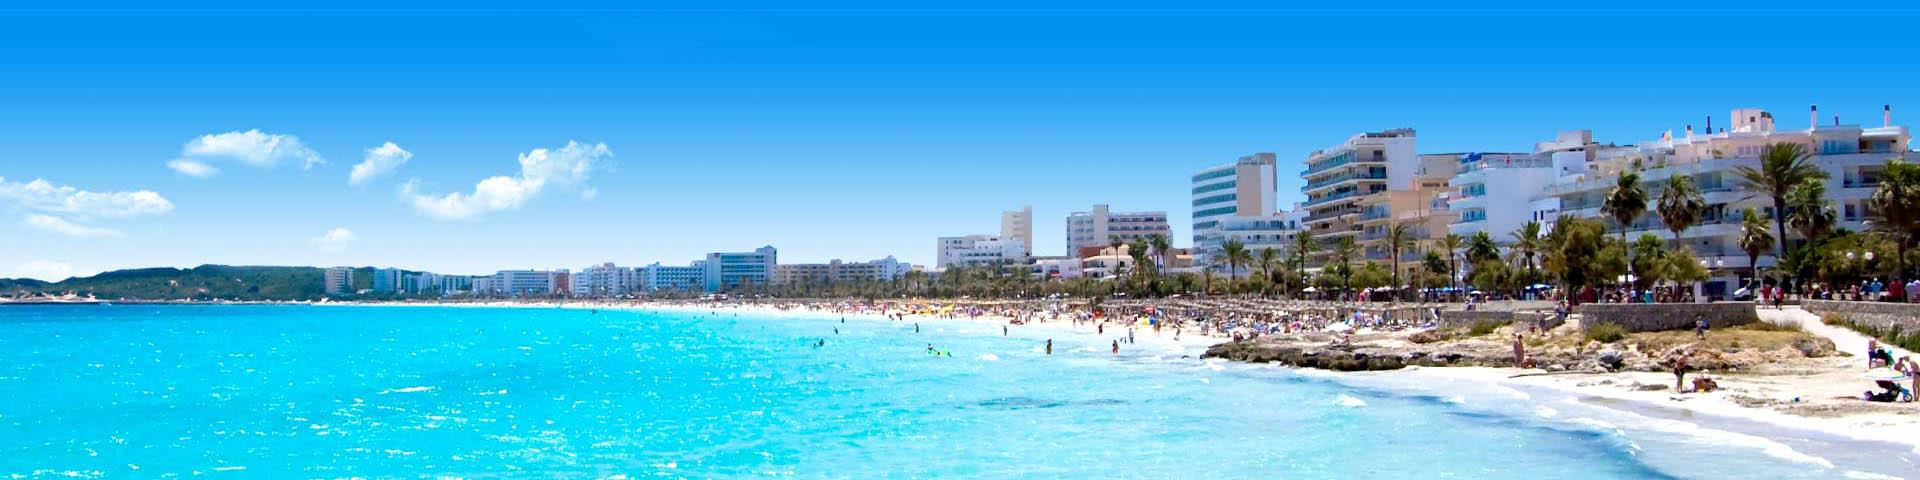 Uitzicht op toeristisch strand bij Cala Millor op Mallorca met de stad op de achtergrond